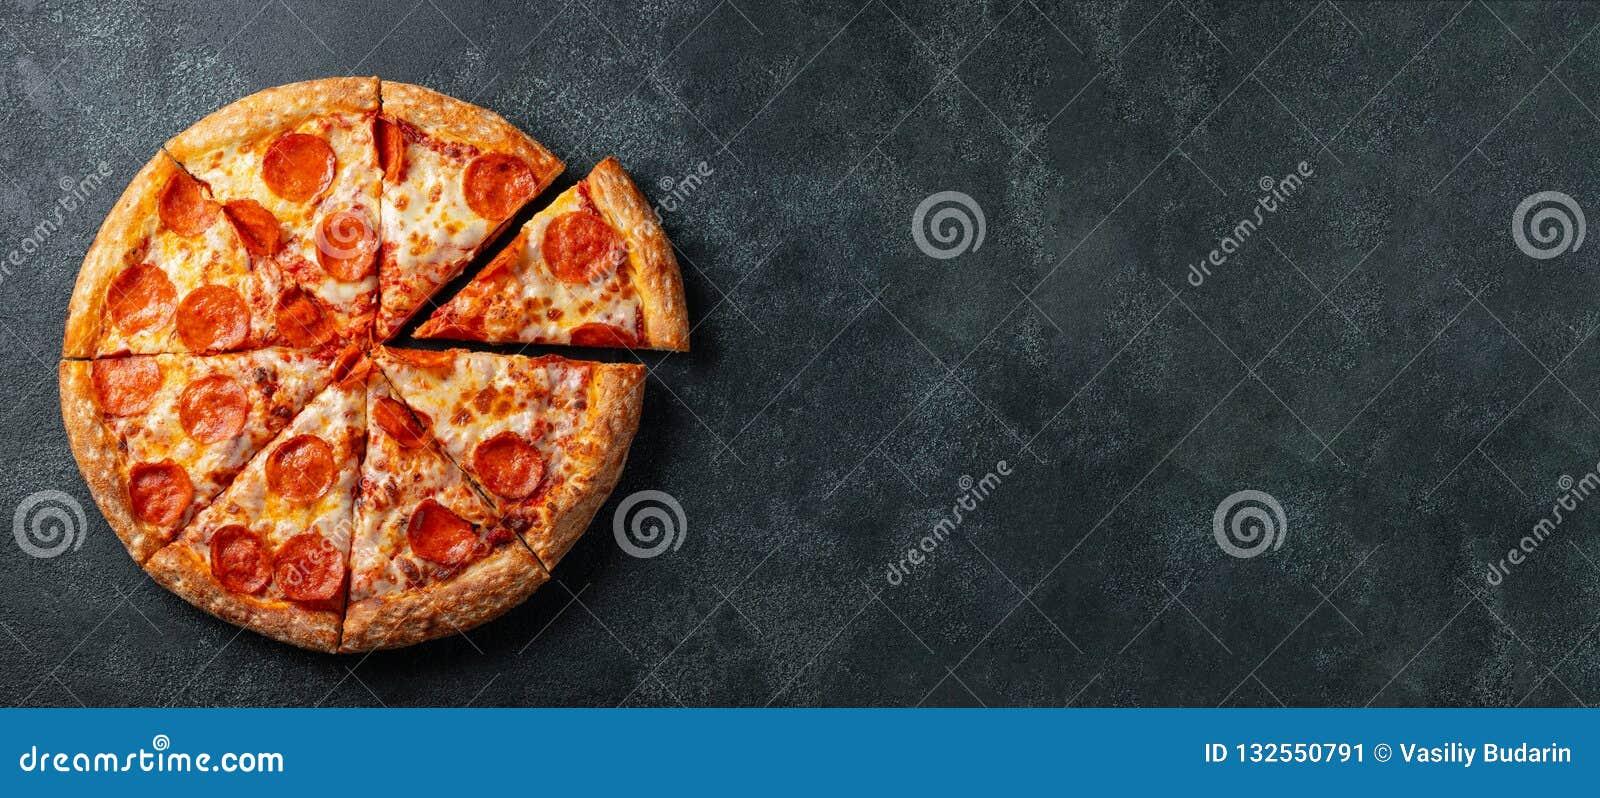 Smakowita pepperoni pizza i kulinarny składników pomidorów basil na czerni betonujemy tło Odgórny widok gorąca pepperoni pizza z